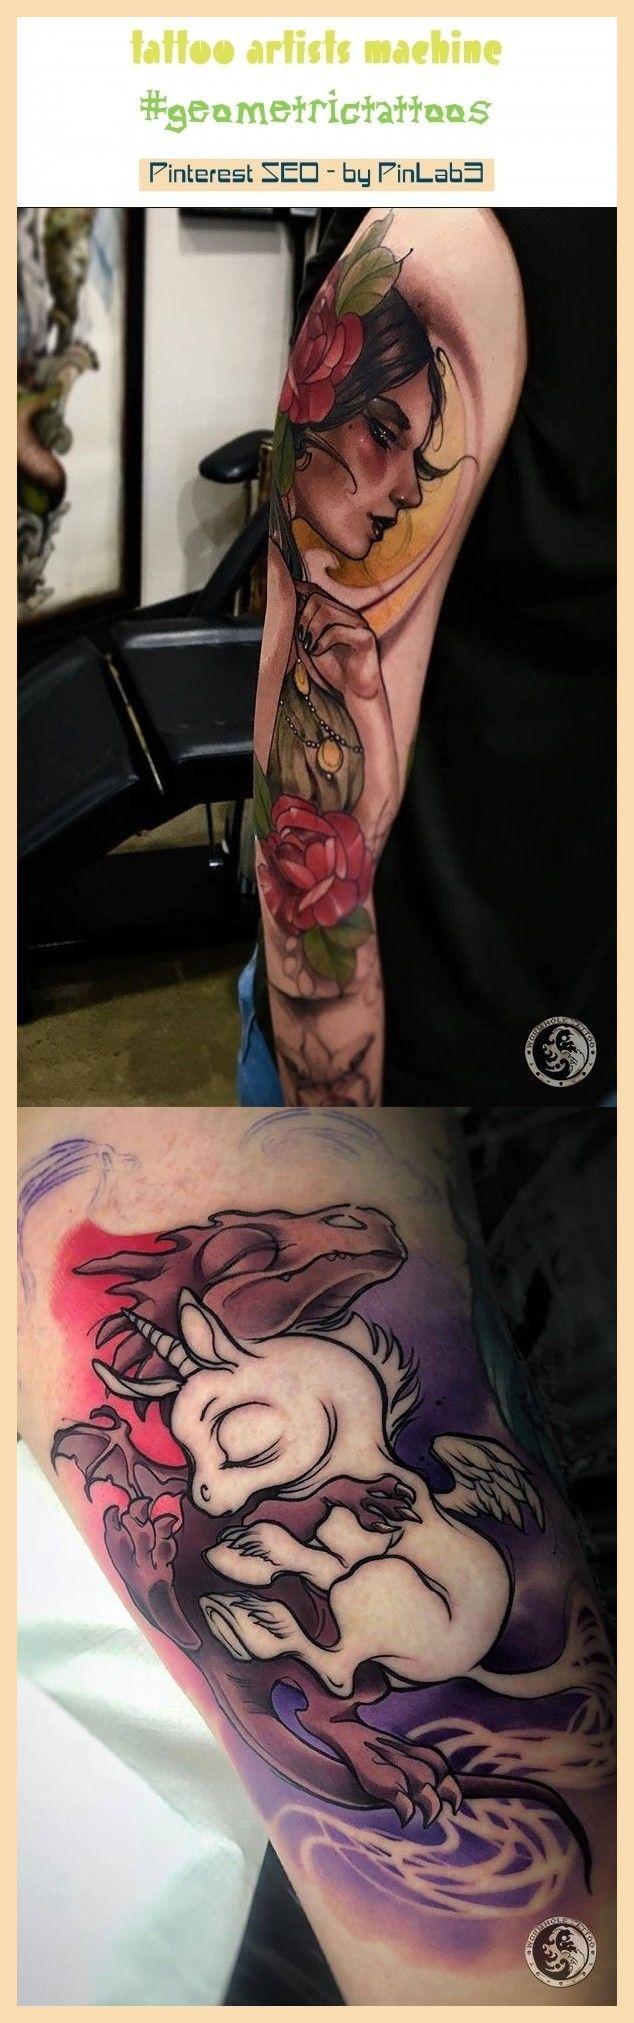 Tattoo artists machine . tattoo artists female, tattoo artists aesthetic, tattoo artists at work, tattoo